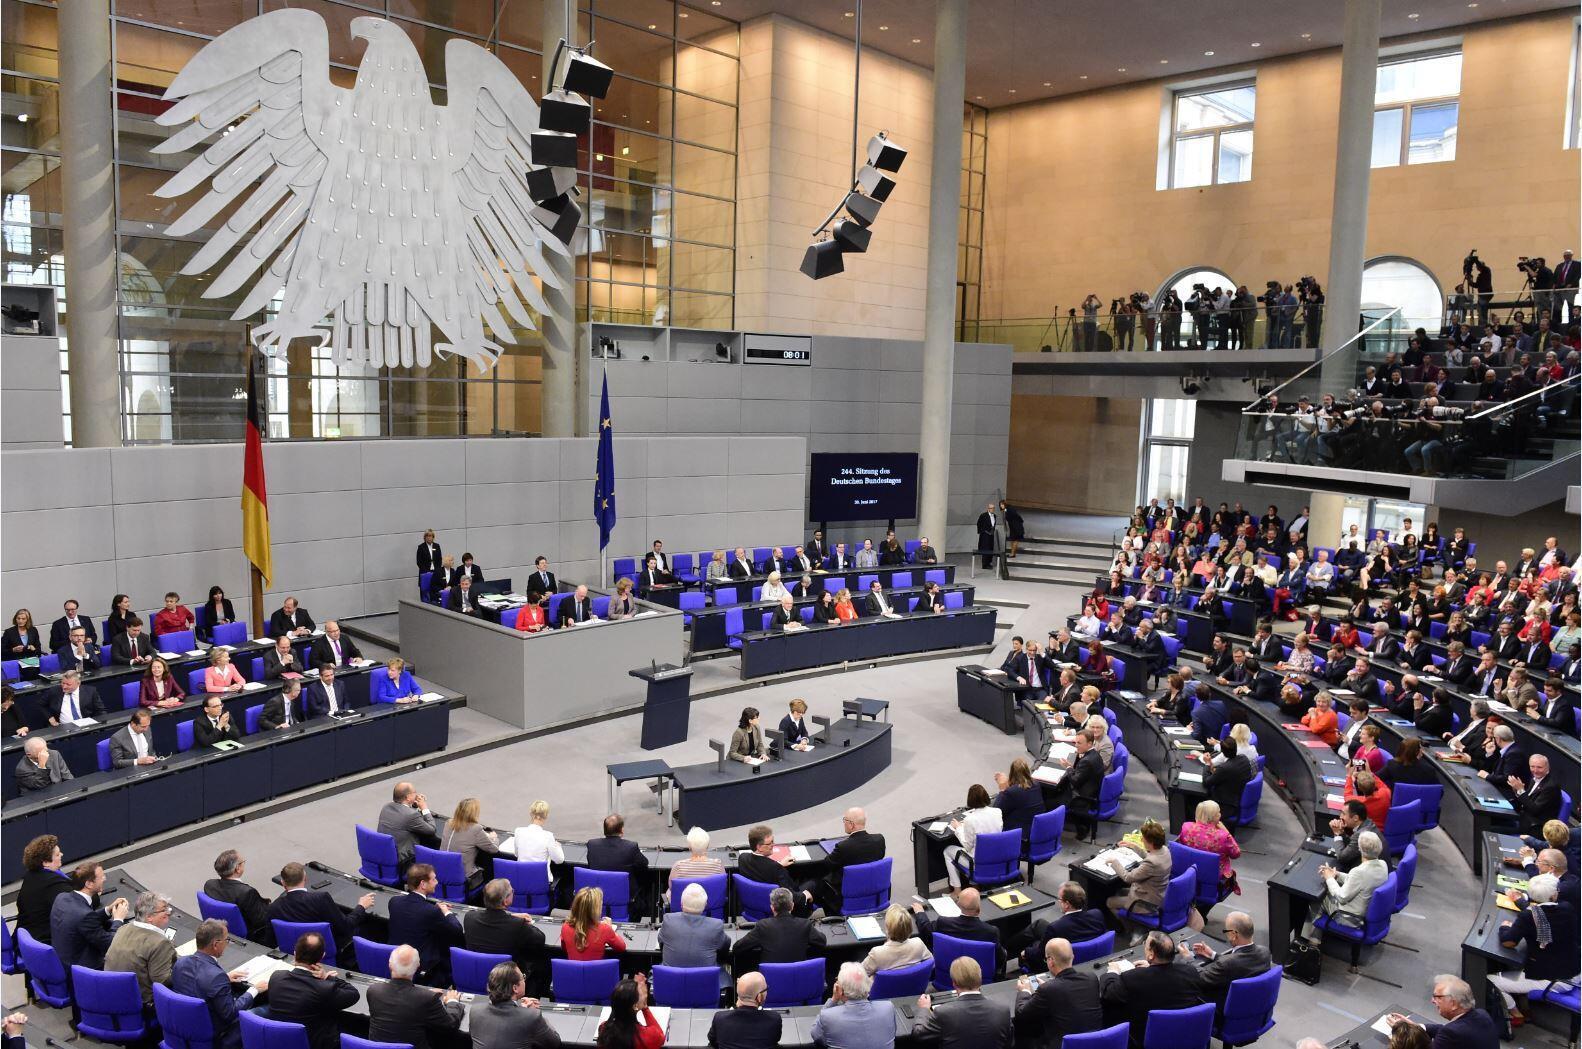 """В Германии смешанная избирательная система. У каждого избирателя есть """"два голоса"""". И второй голос важнее первого"""